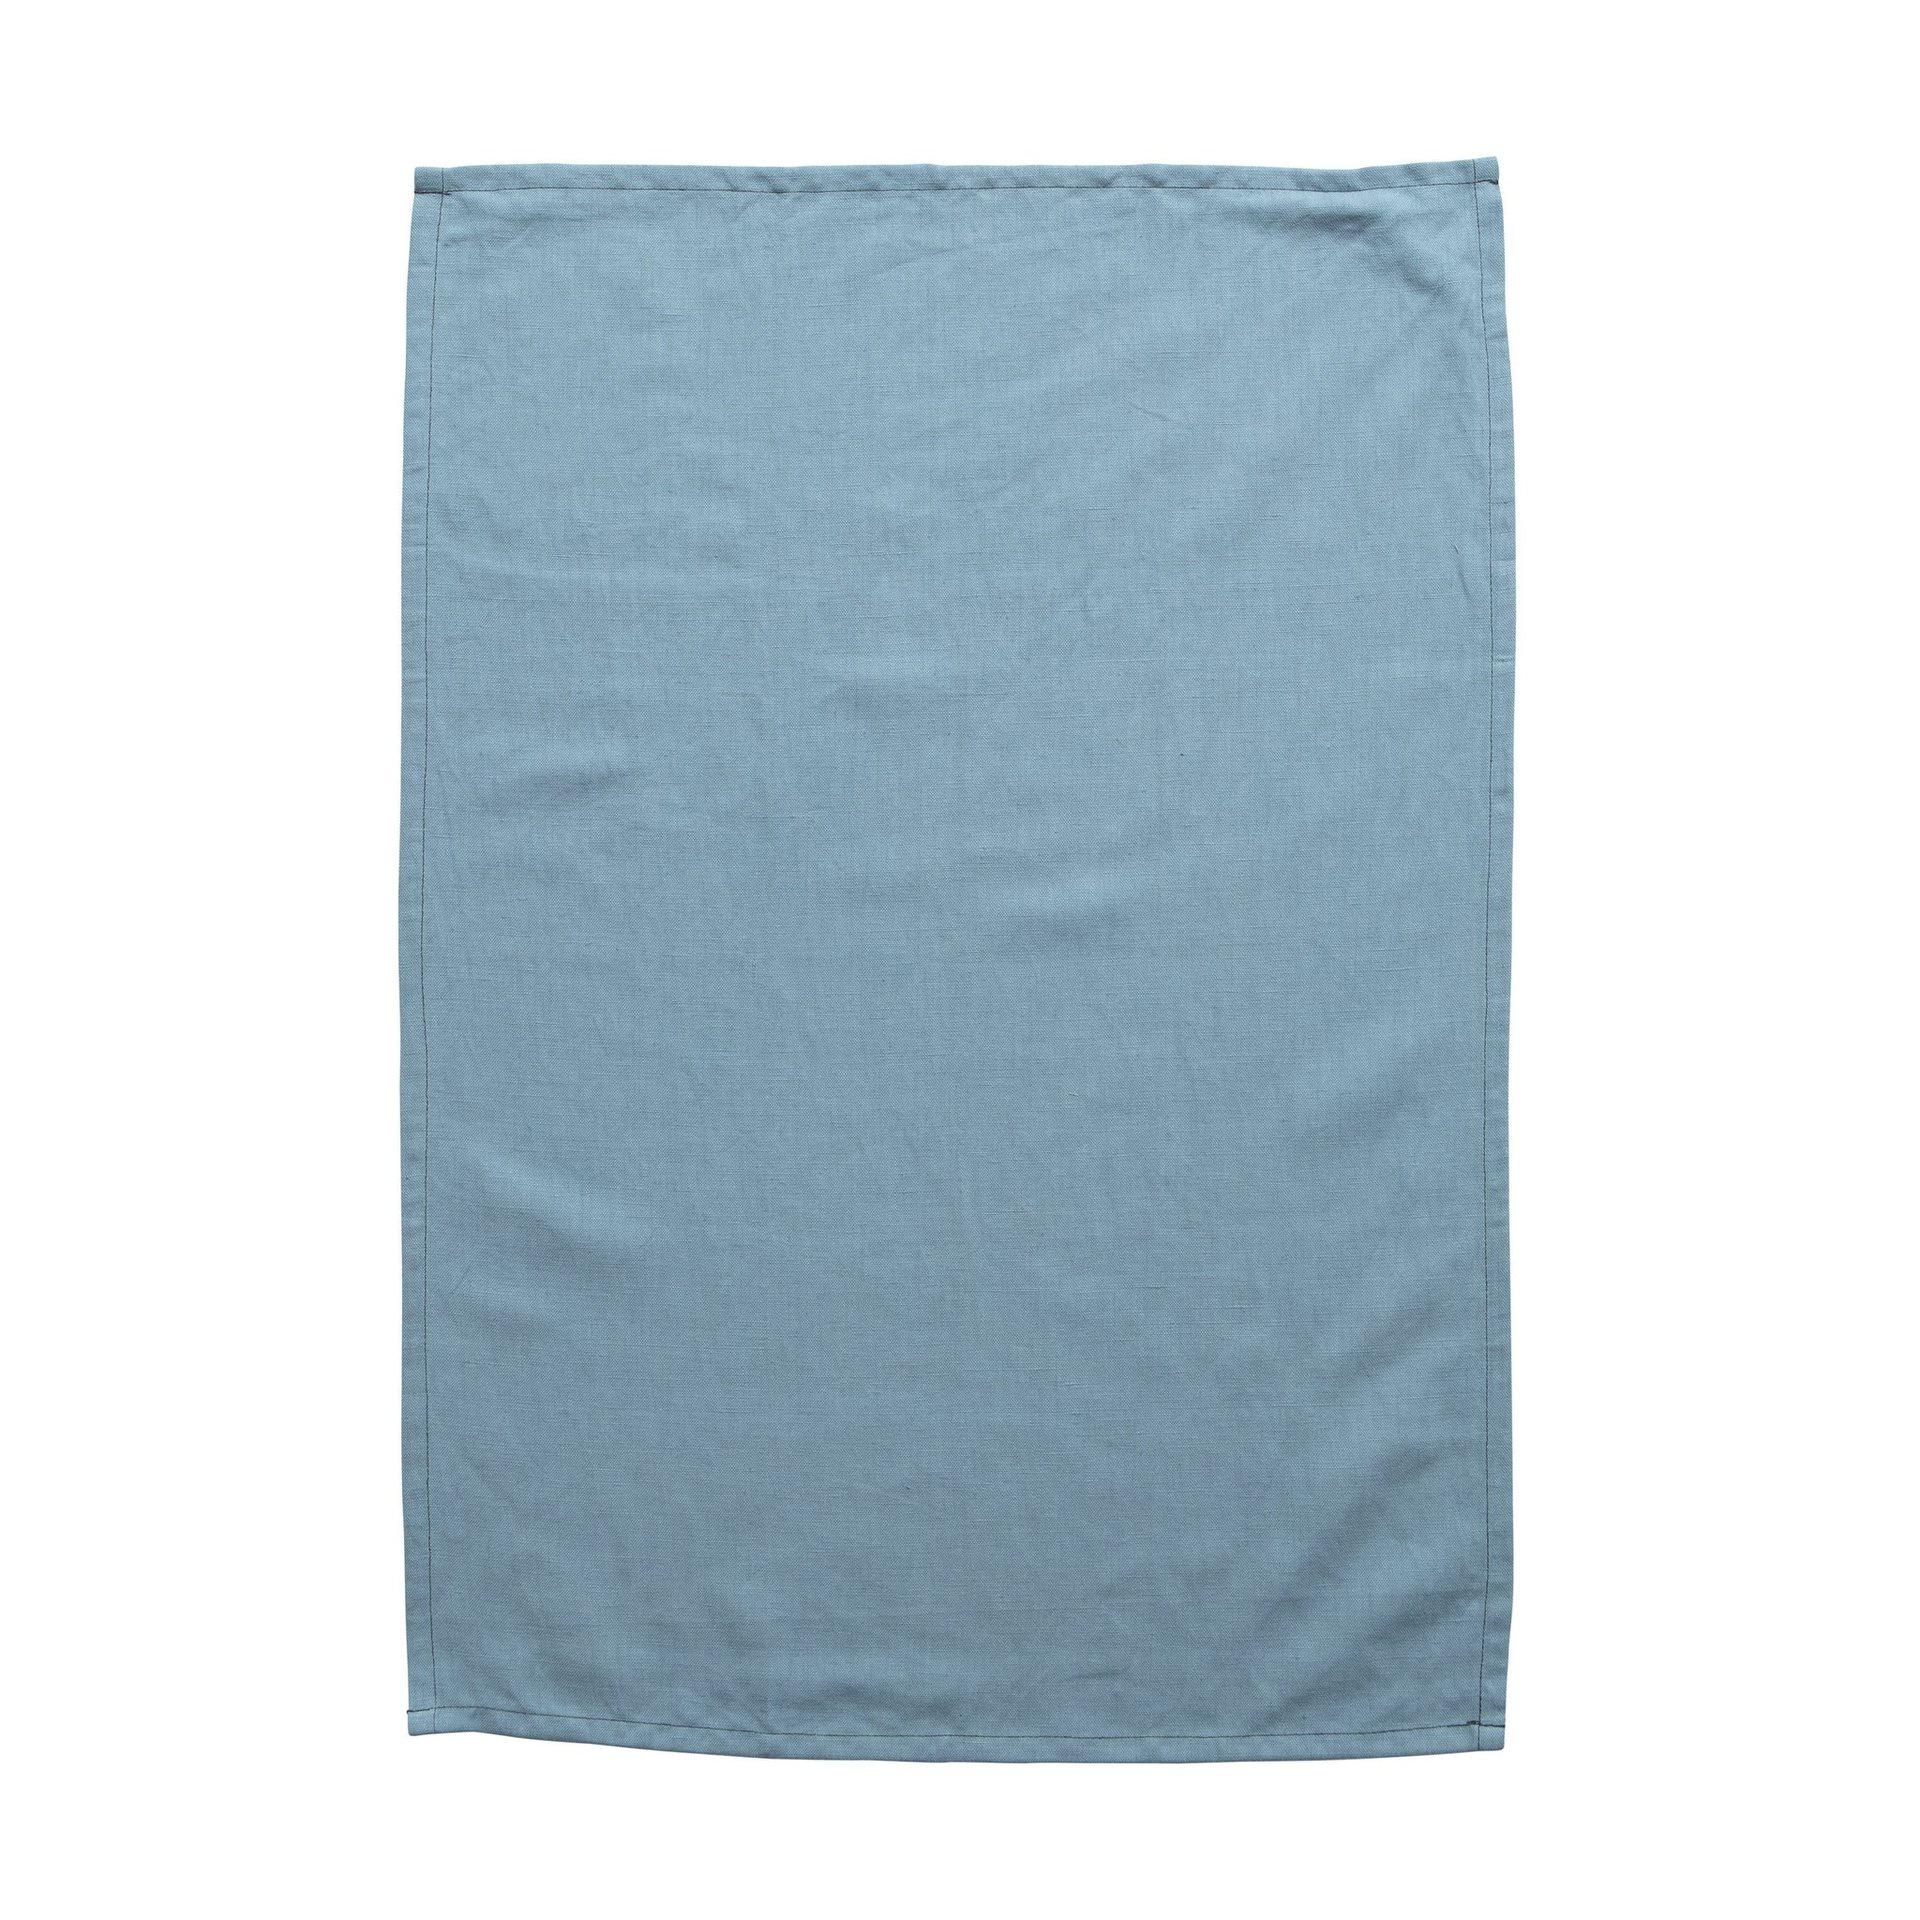 Milk & Sugar Cadet Blue Linen Tea Towel